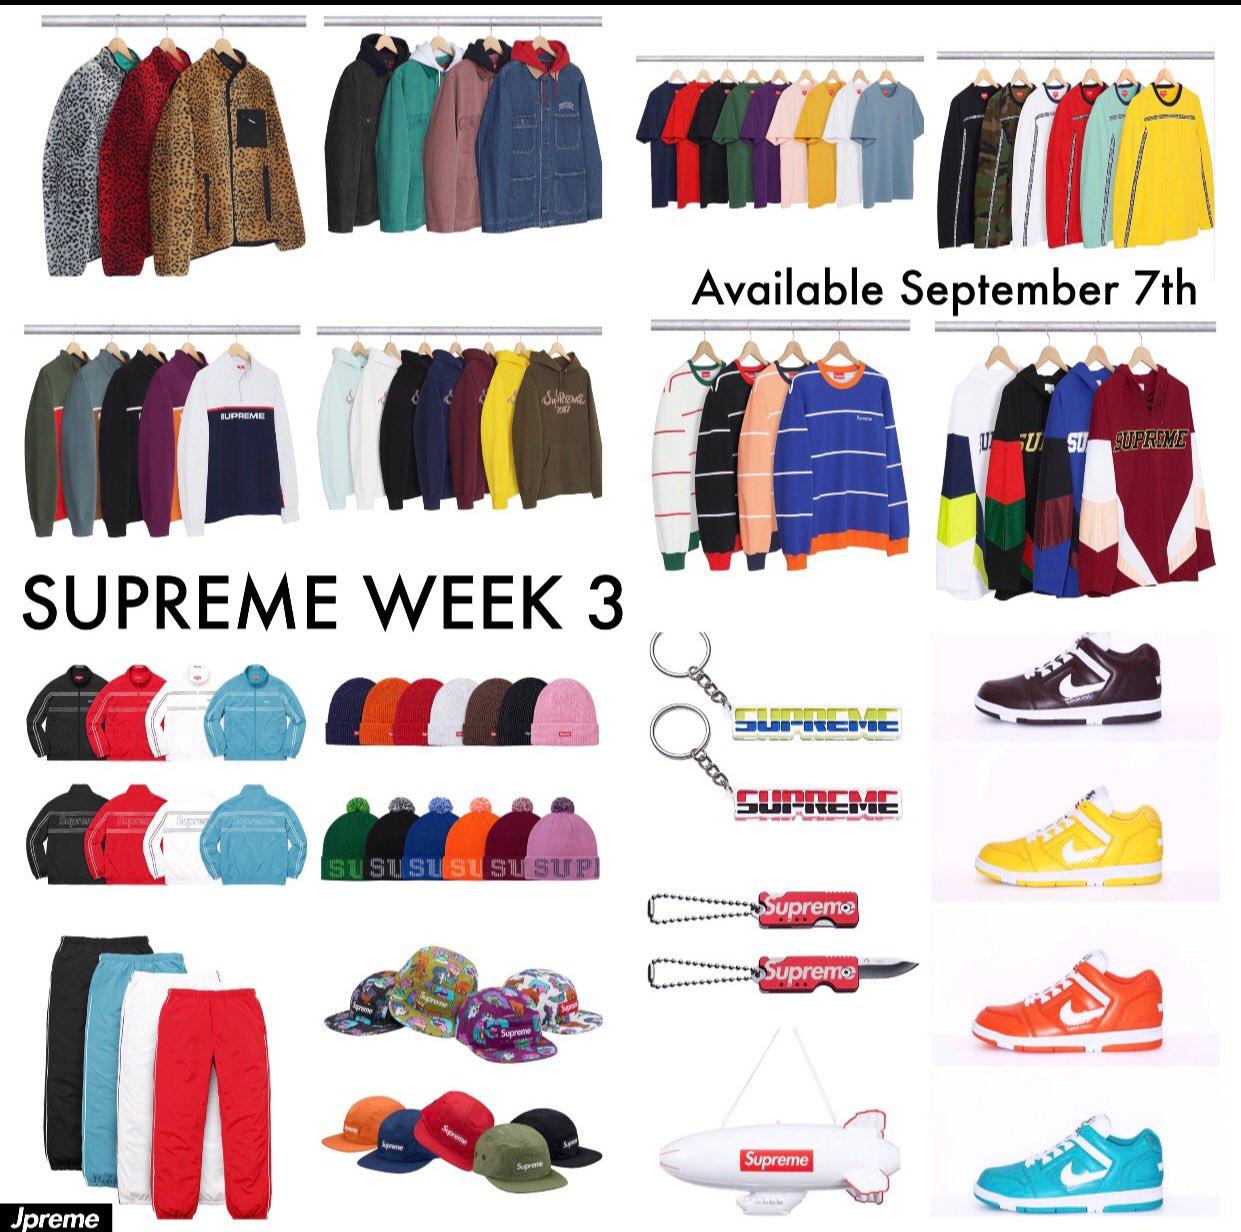 Supreme Week 3